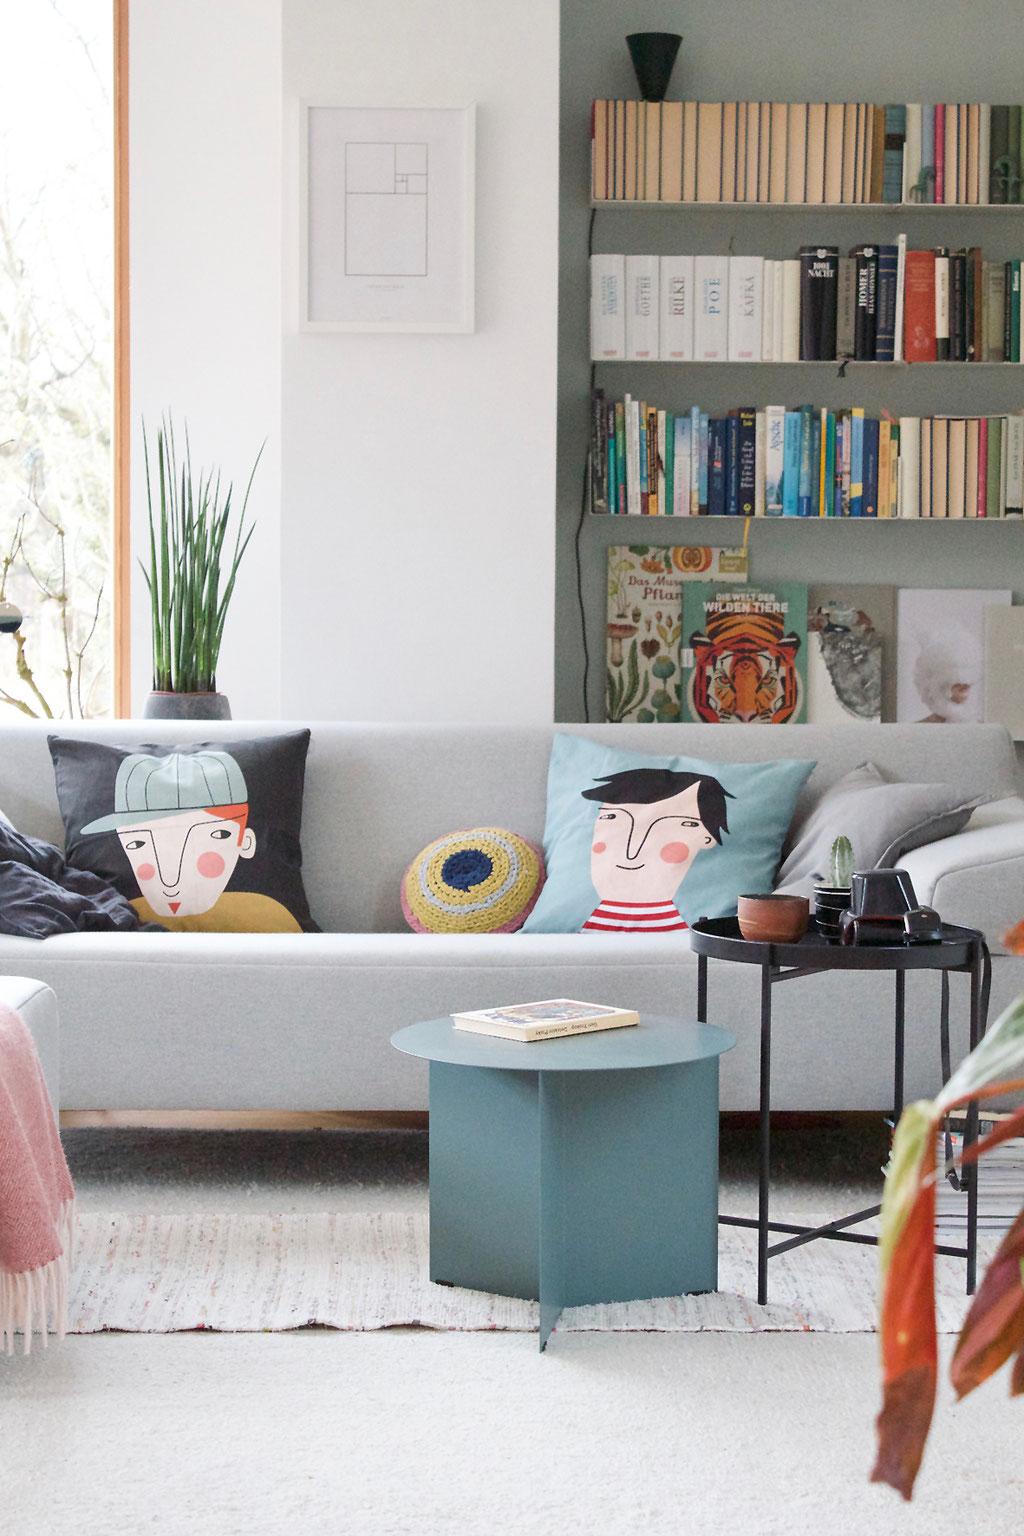 dieartigeBLOG - Neue Mitbewohner im Wohnzimmer: Tim, Häkan und Slit Table